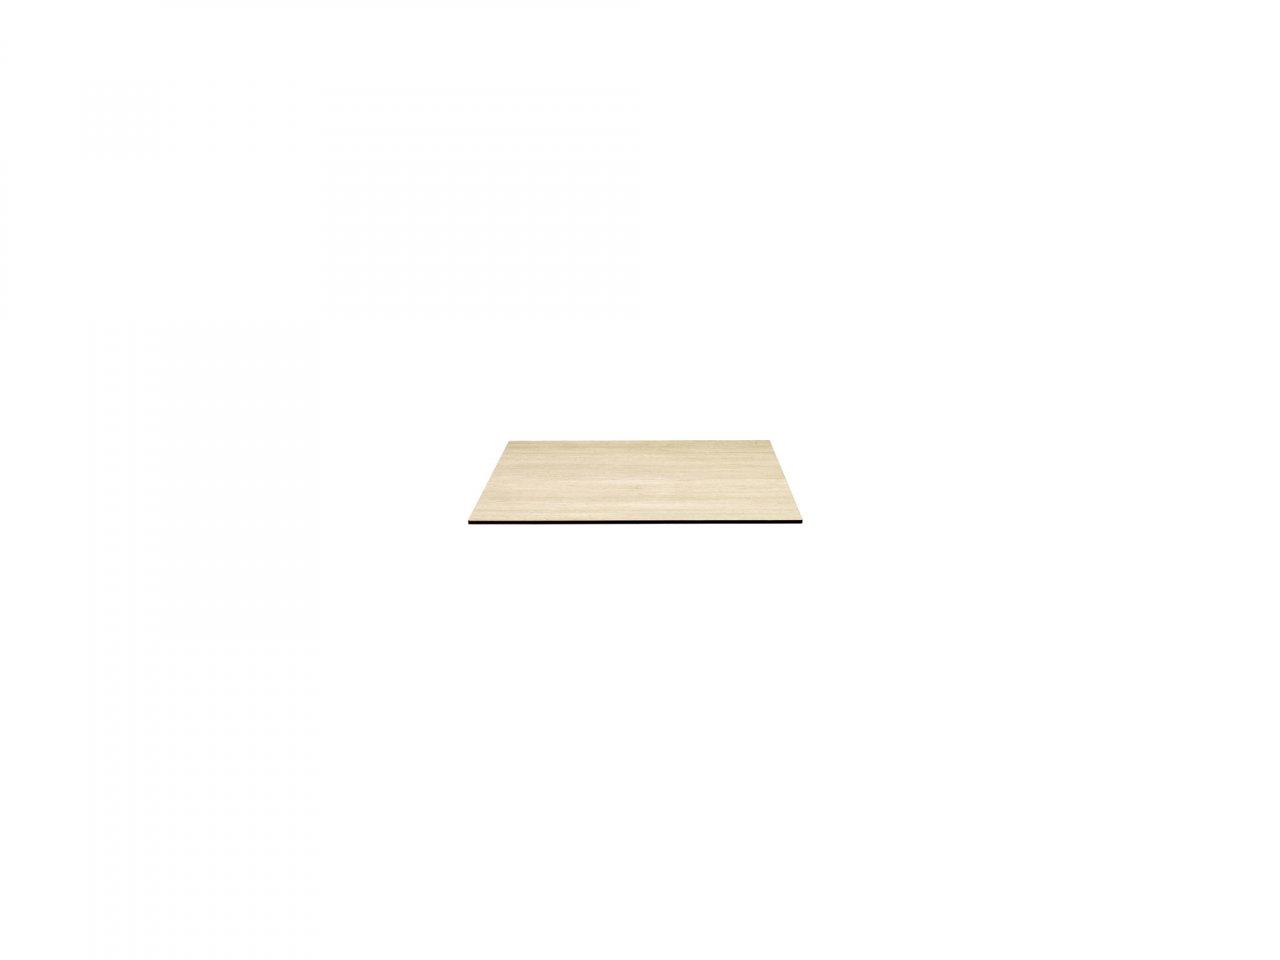 Piano Stratificato Compact 80x80 - v8